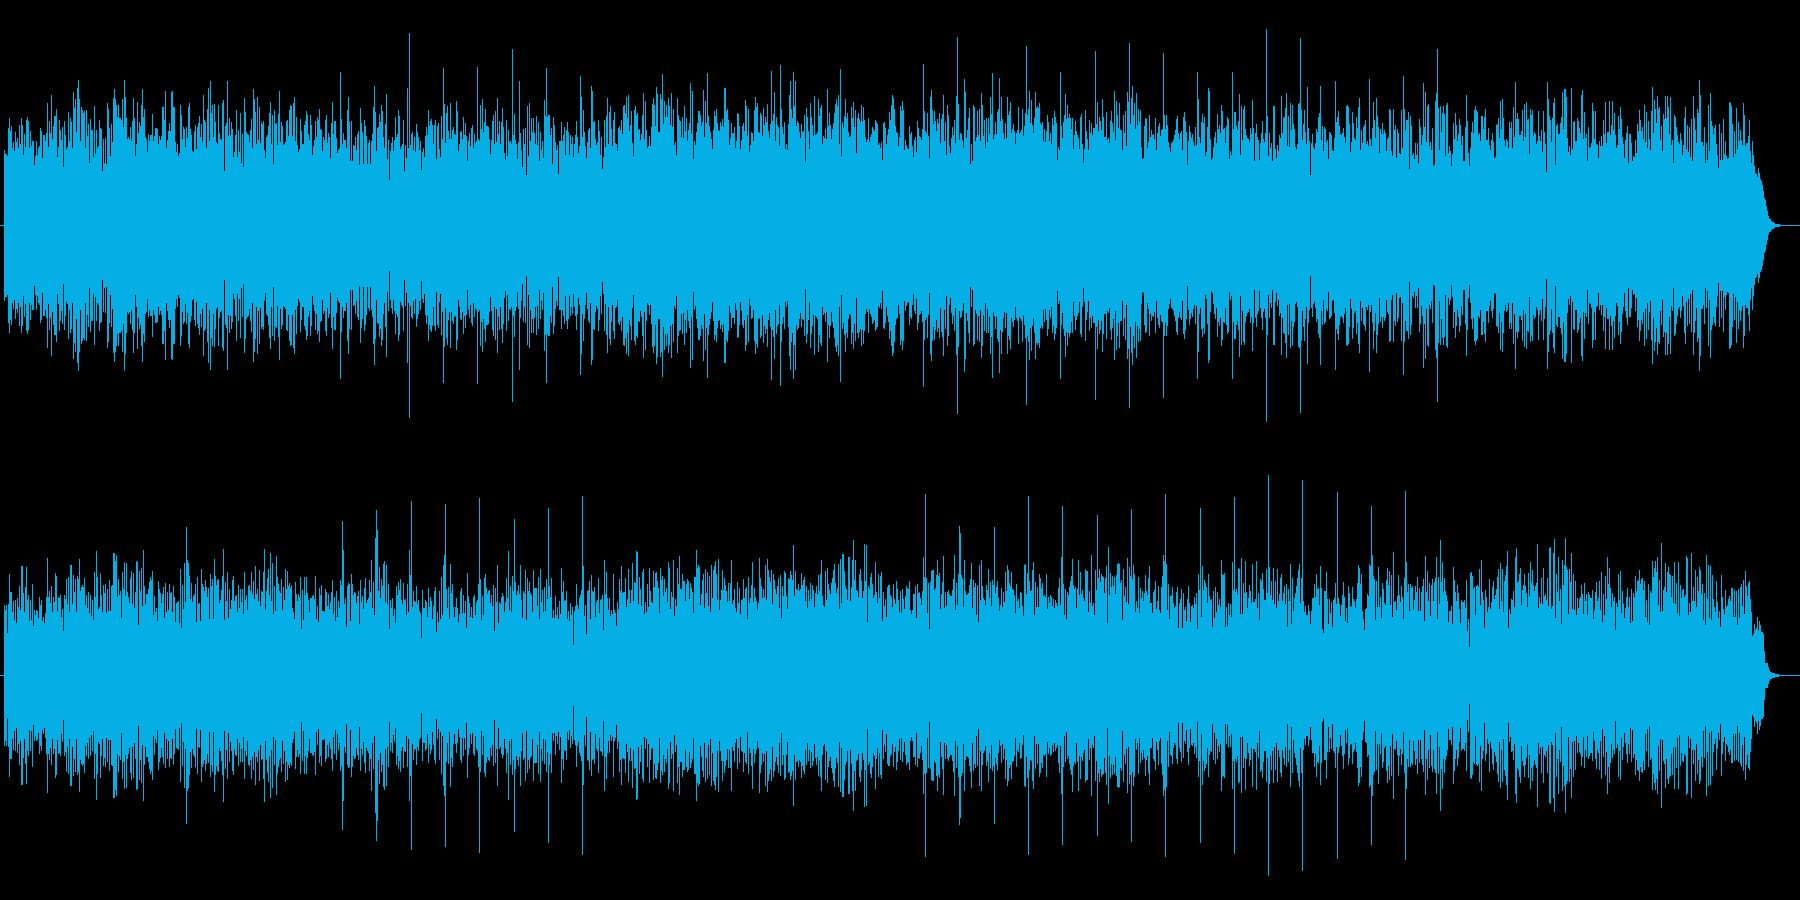 明るくやる気のでるストリングのあるBGMの再生済みの波形